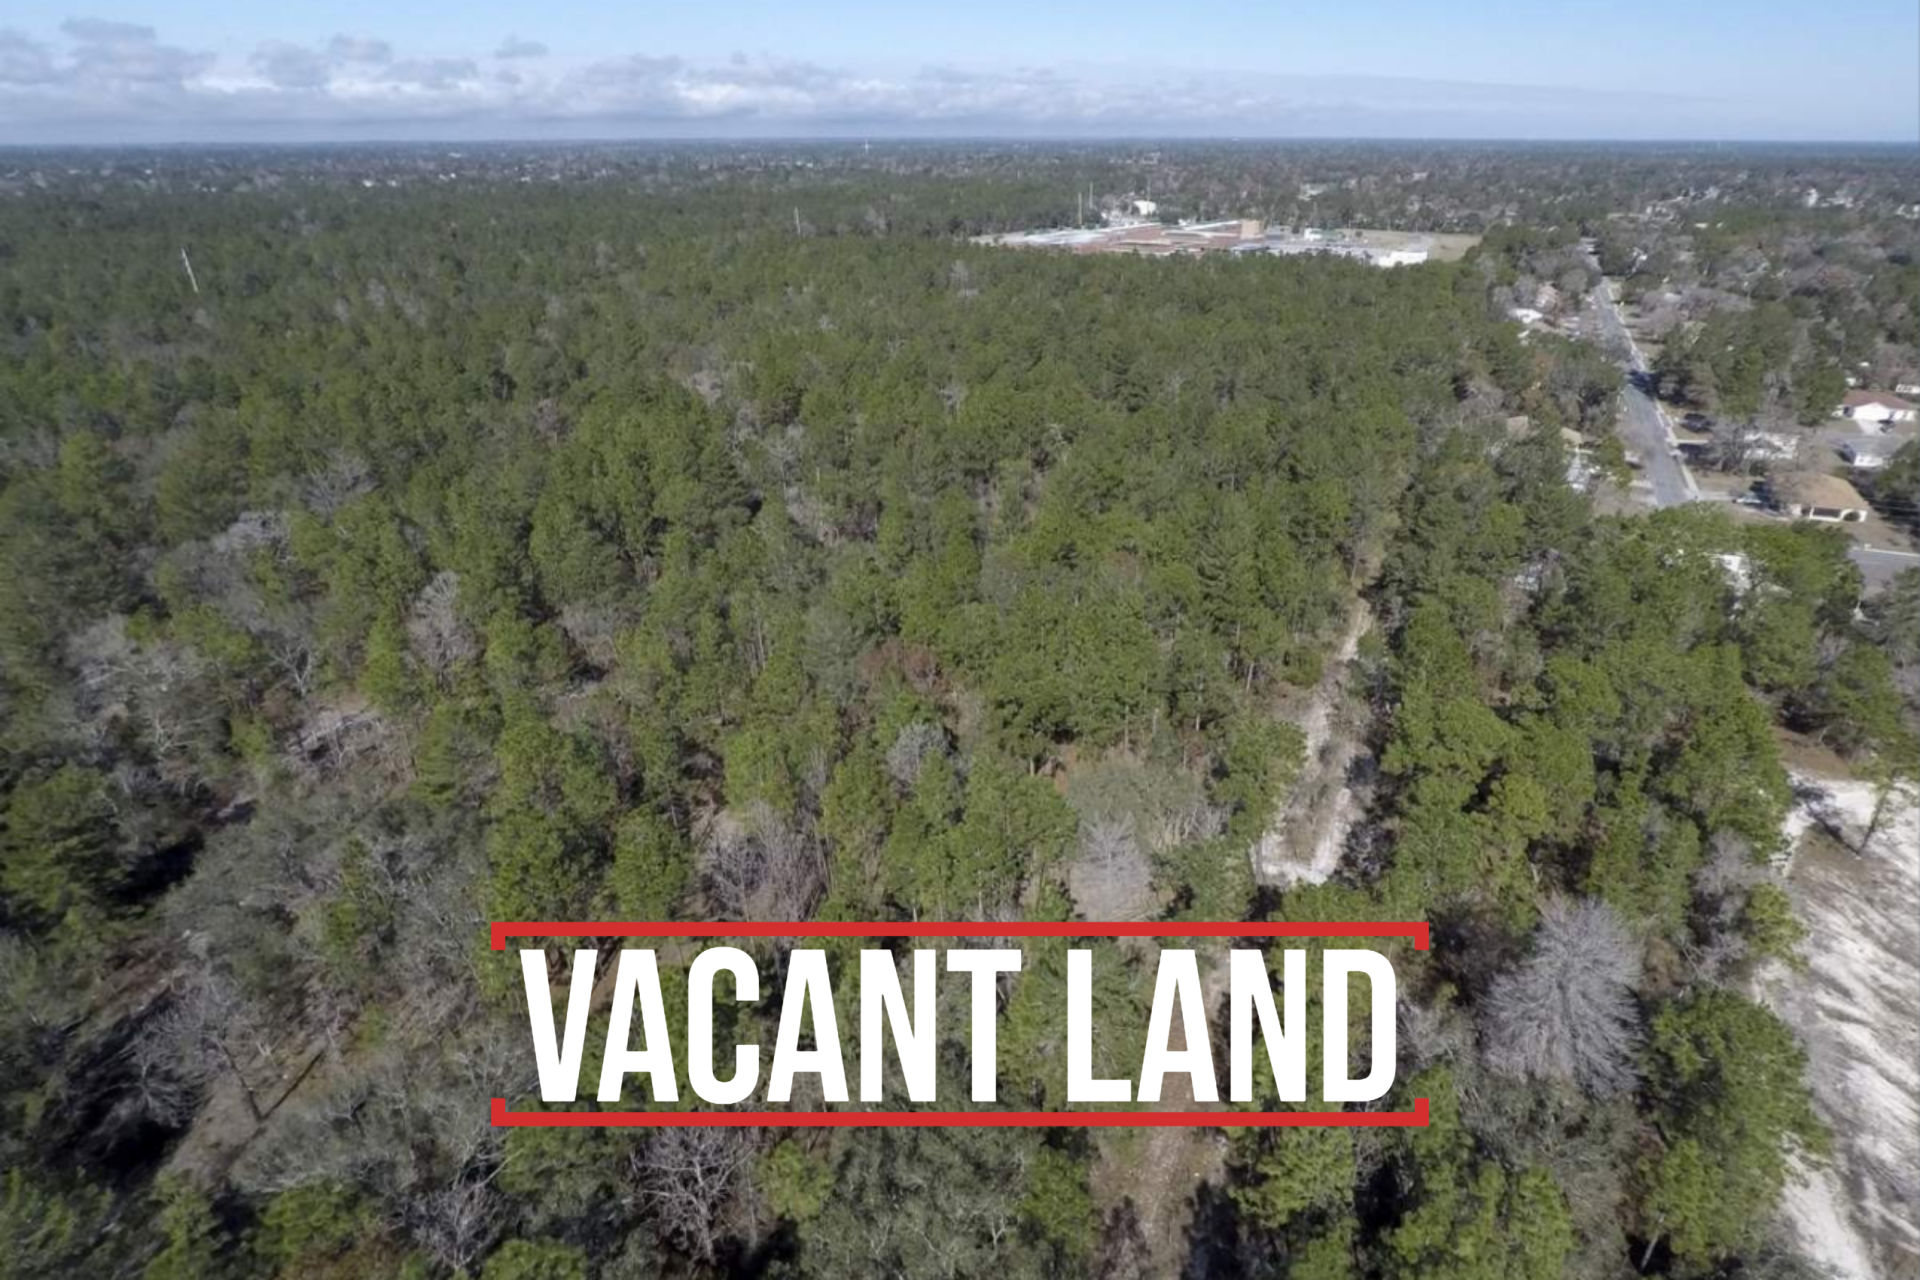 Unimproved Land For Sale – Sarasota